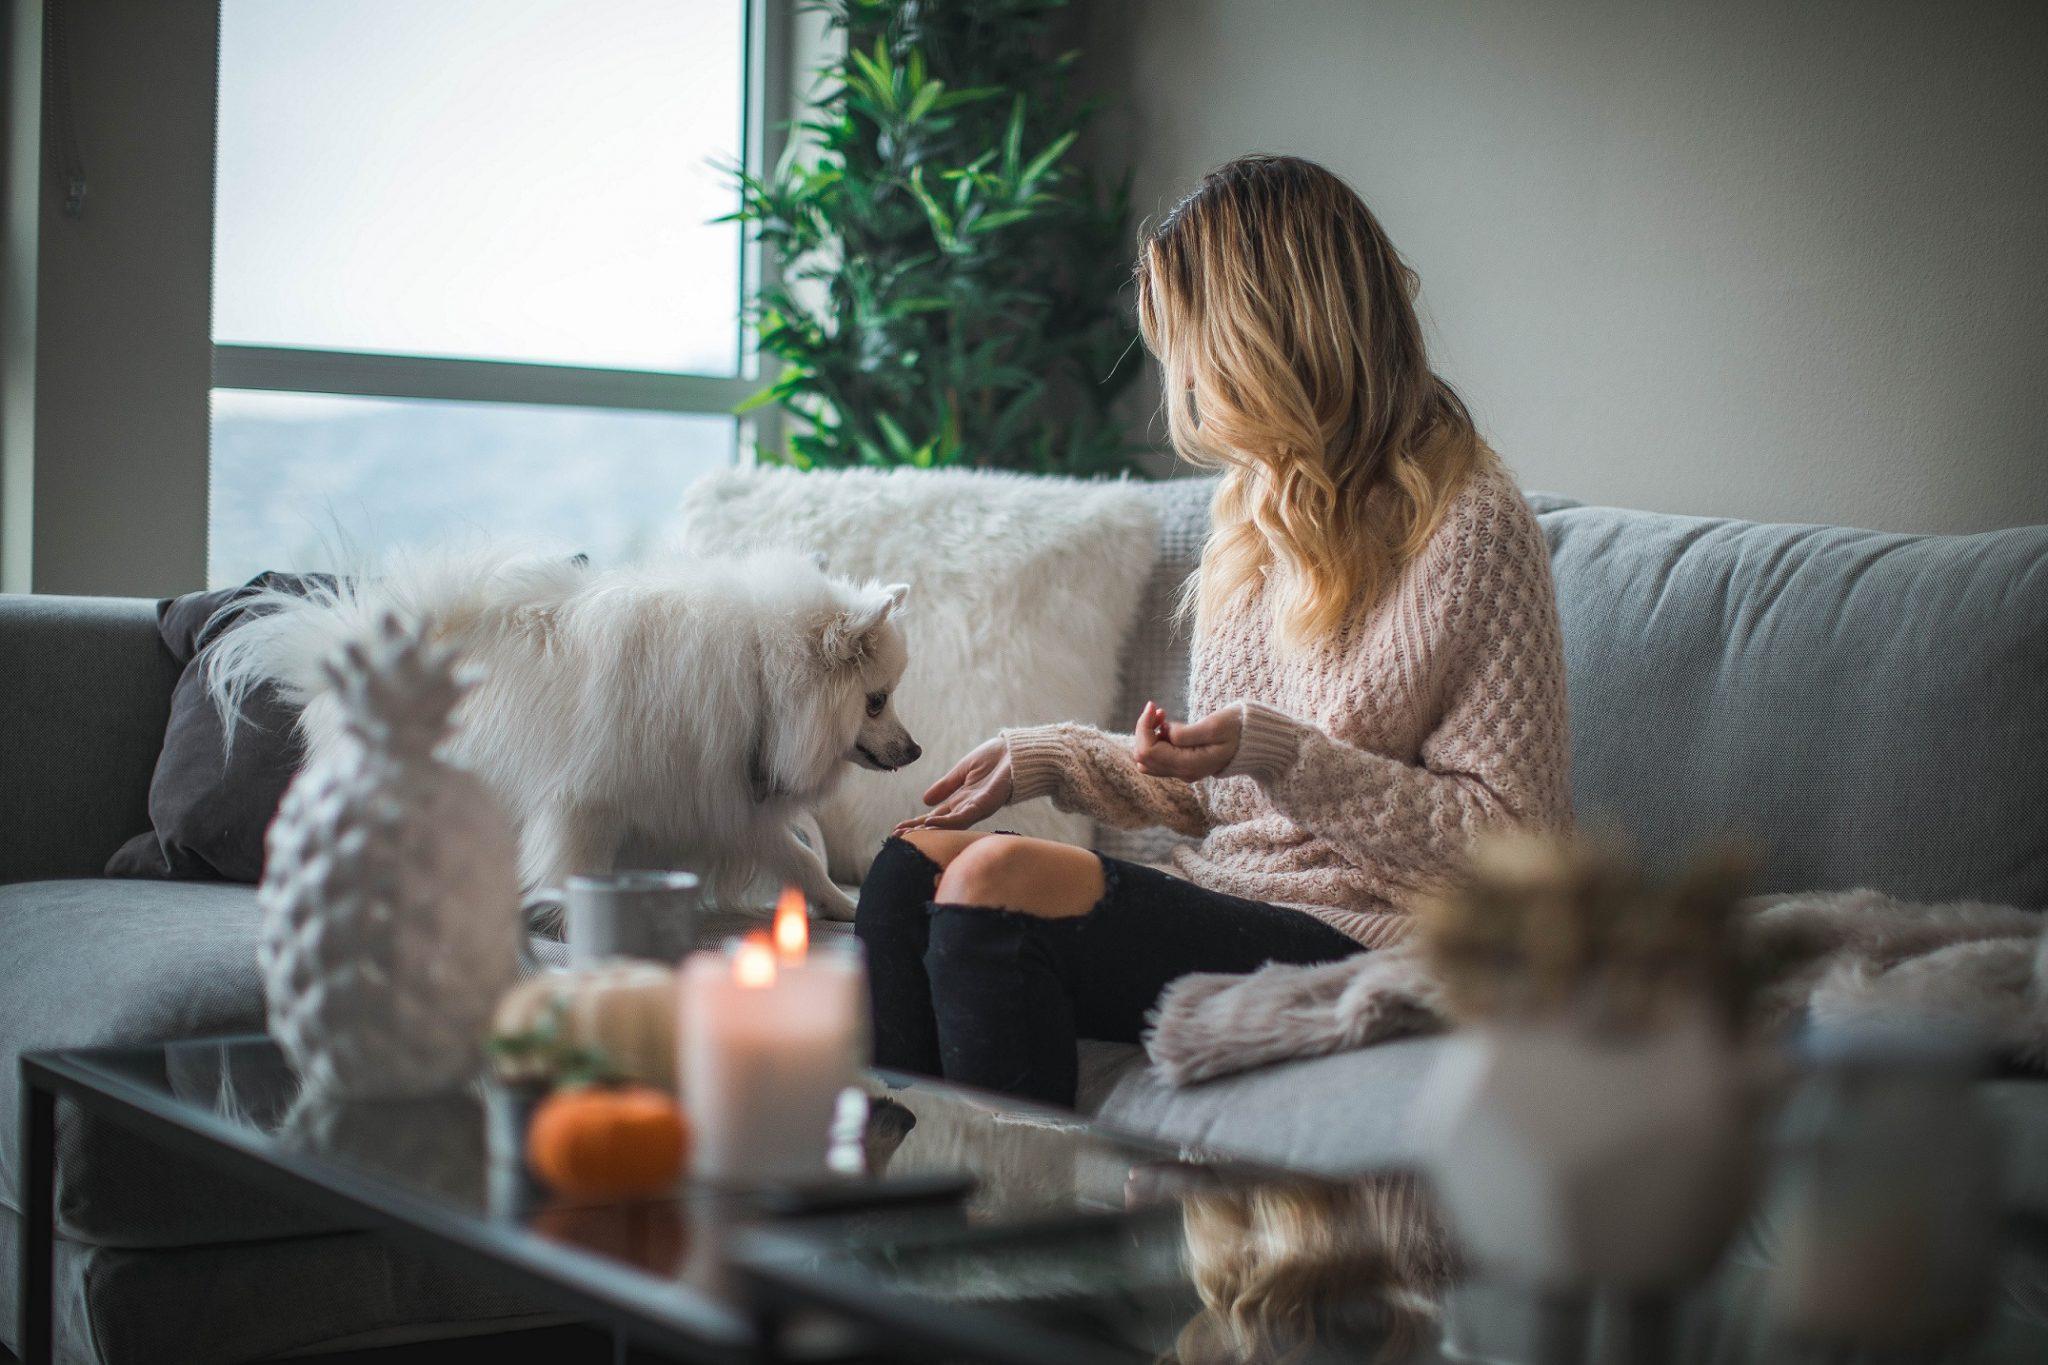 Hier würden Sie eine Person sehen, die ihrem Hund auf der Couch etwas zu fressen gibt